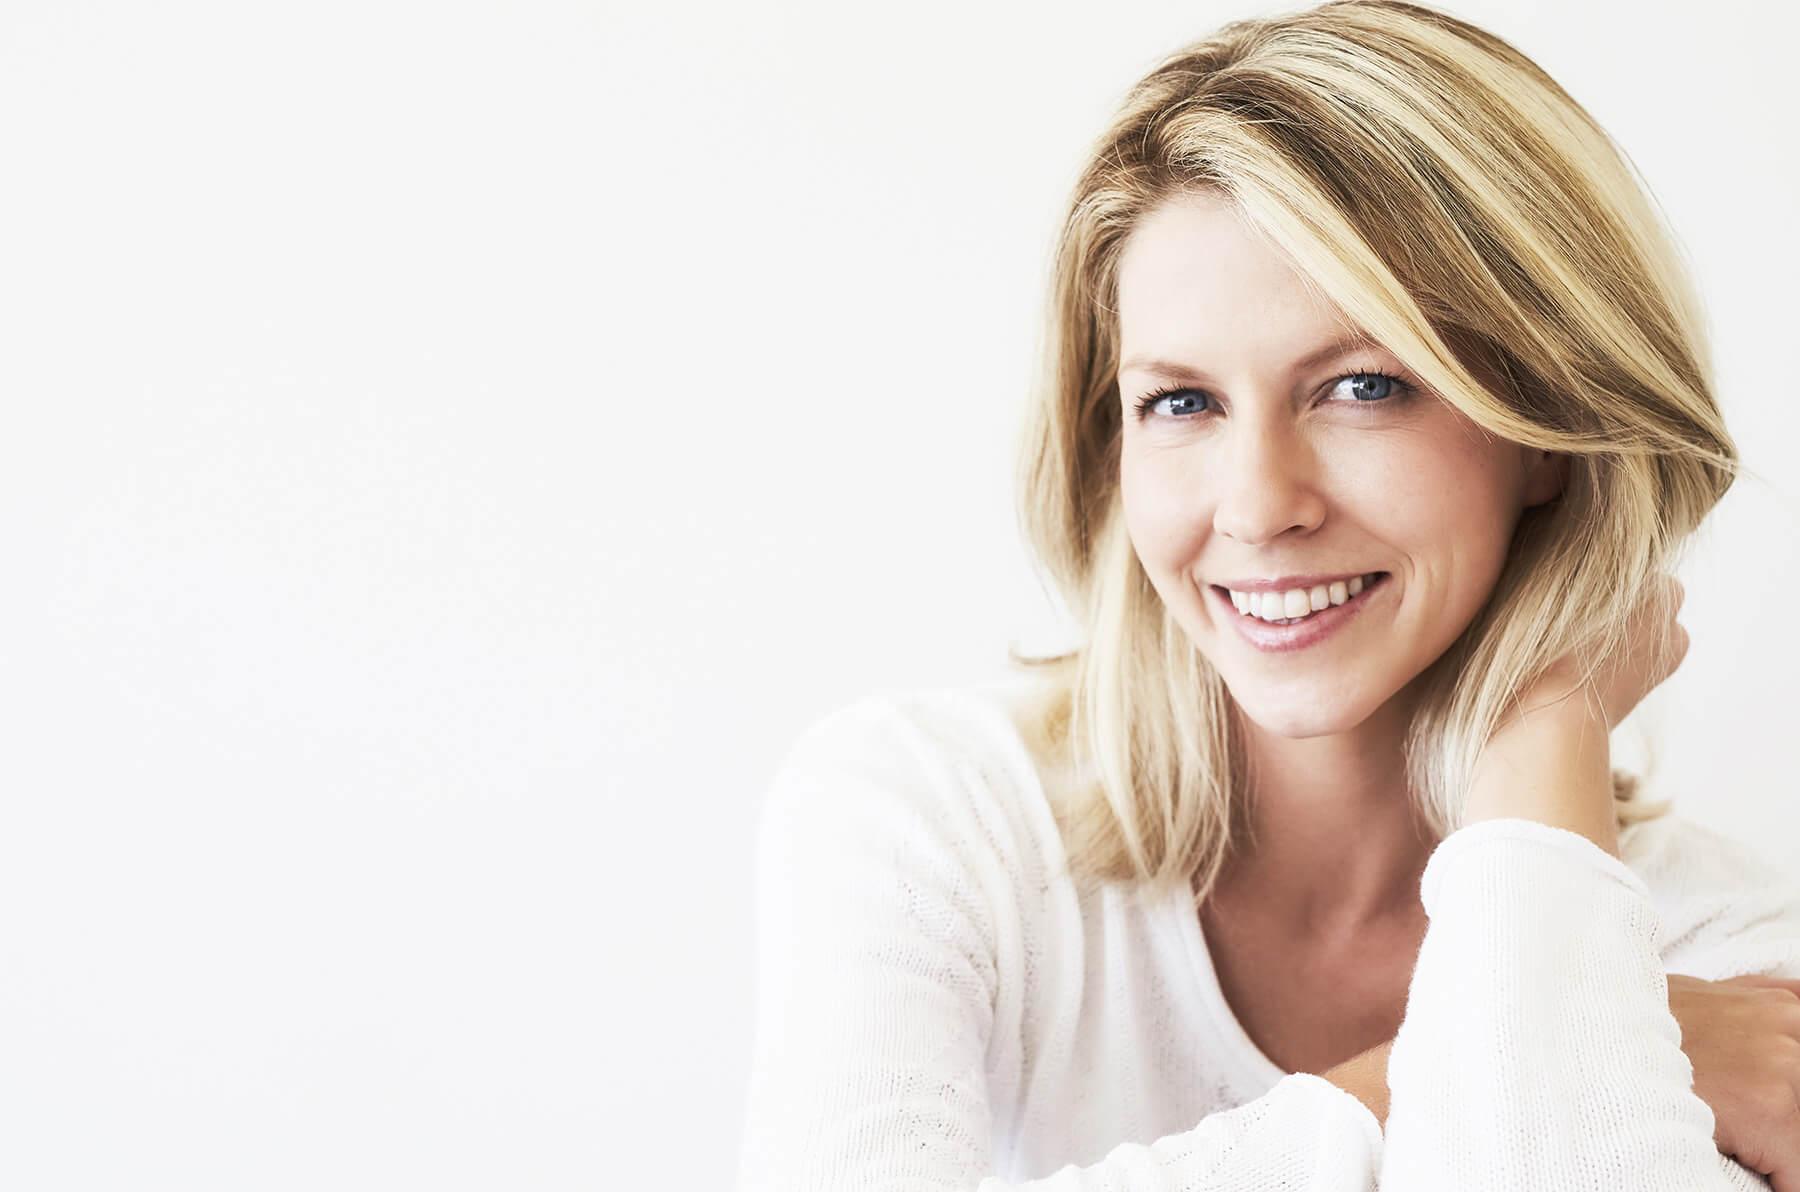 Praxisklinik Bartsch - Glückliche Frau nach Behandlung